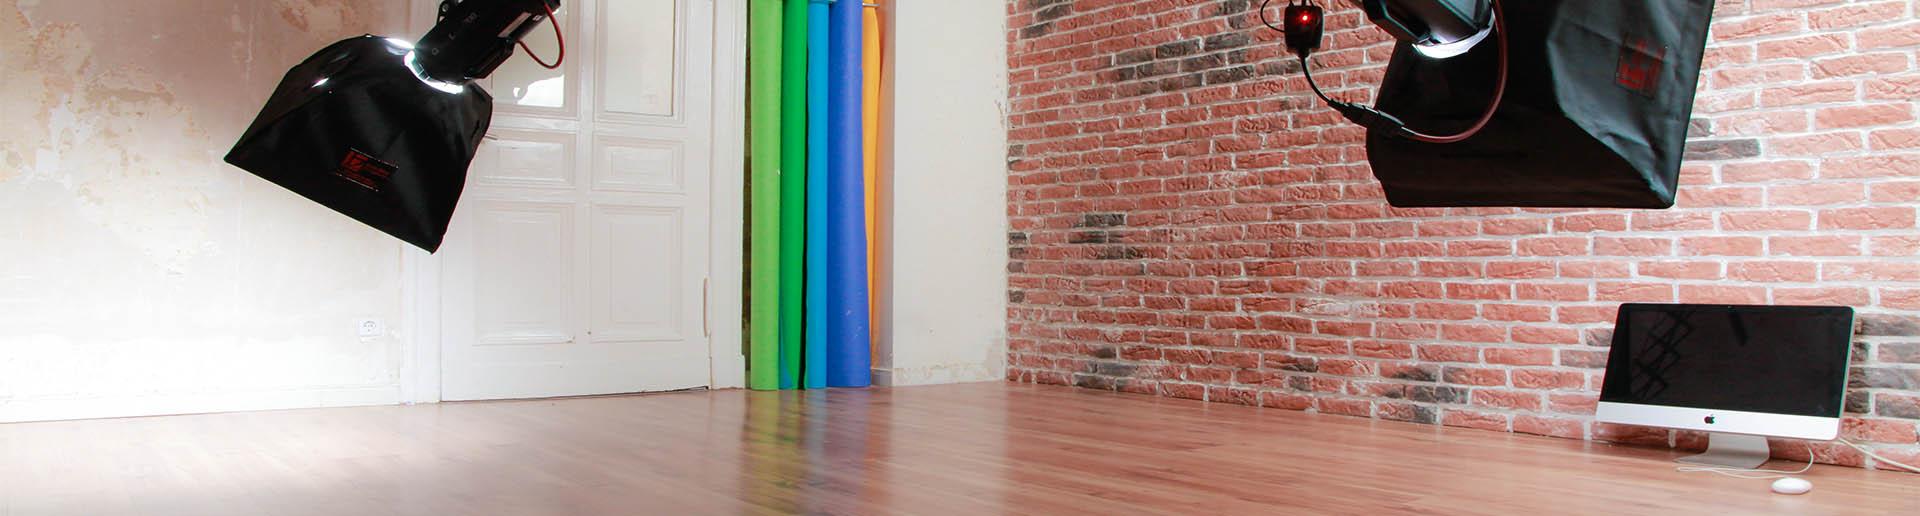 mietfotostudio berlin grundriss fotostudio mieten in berlin studio kreuzberg. Black Bedroom Furniture Sets. Home Design Ideas